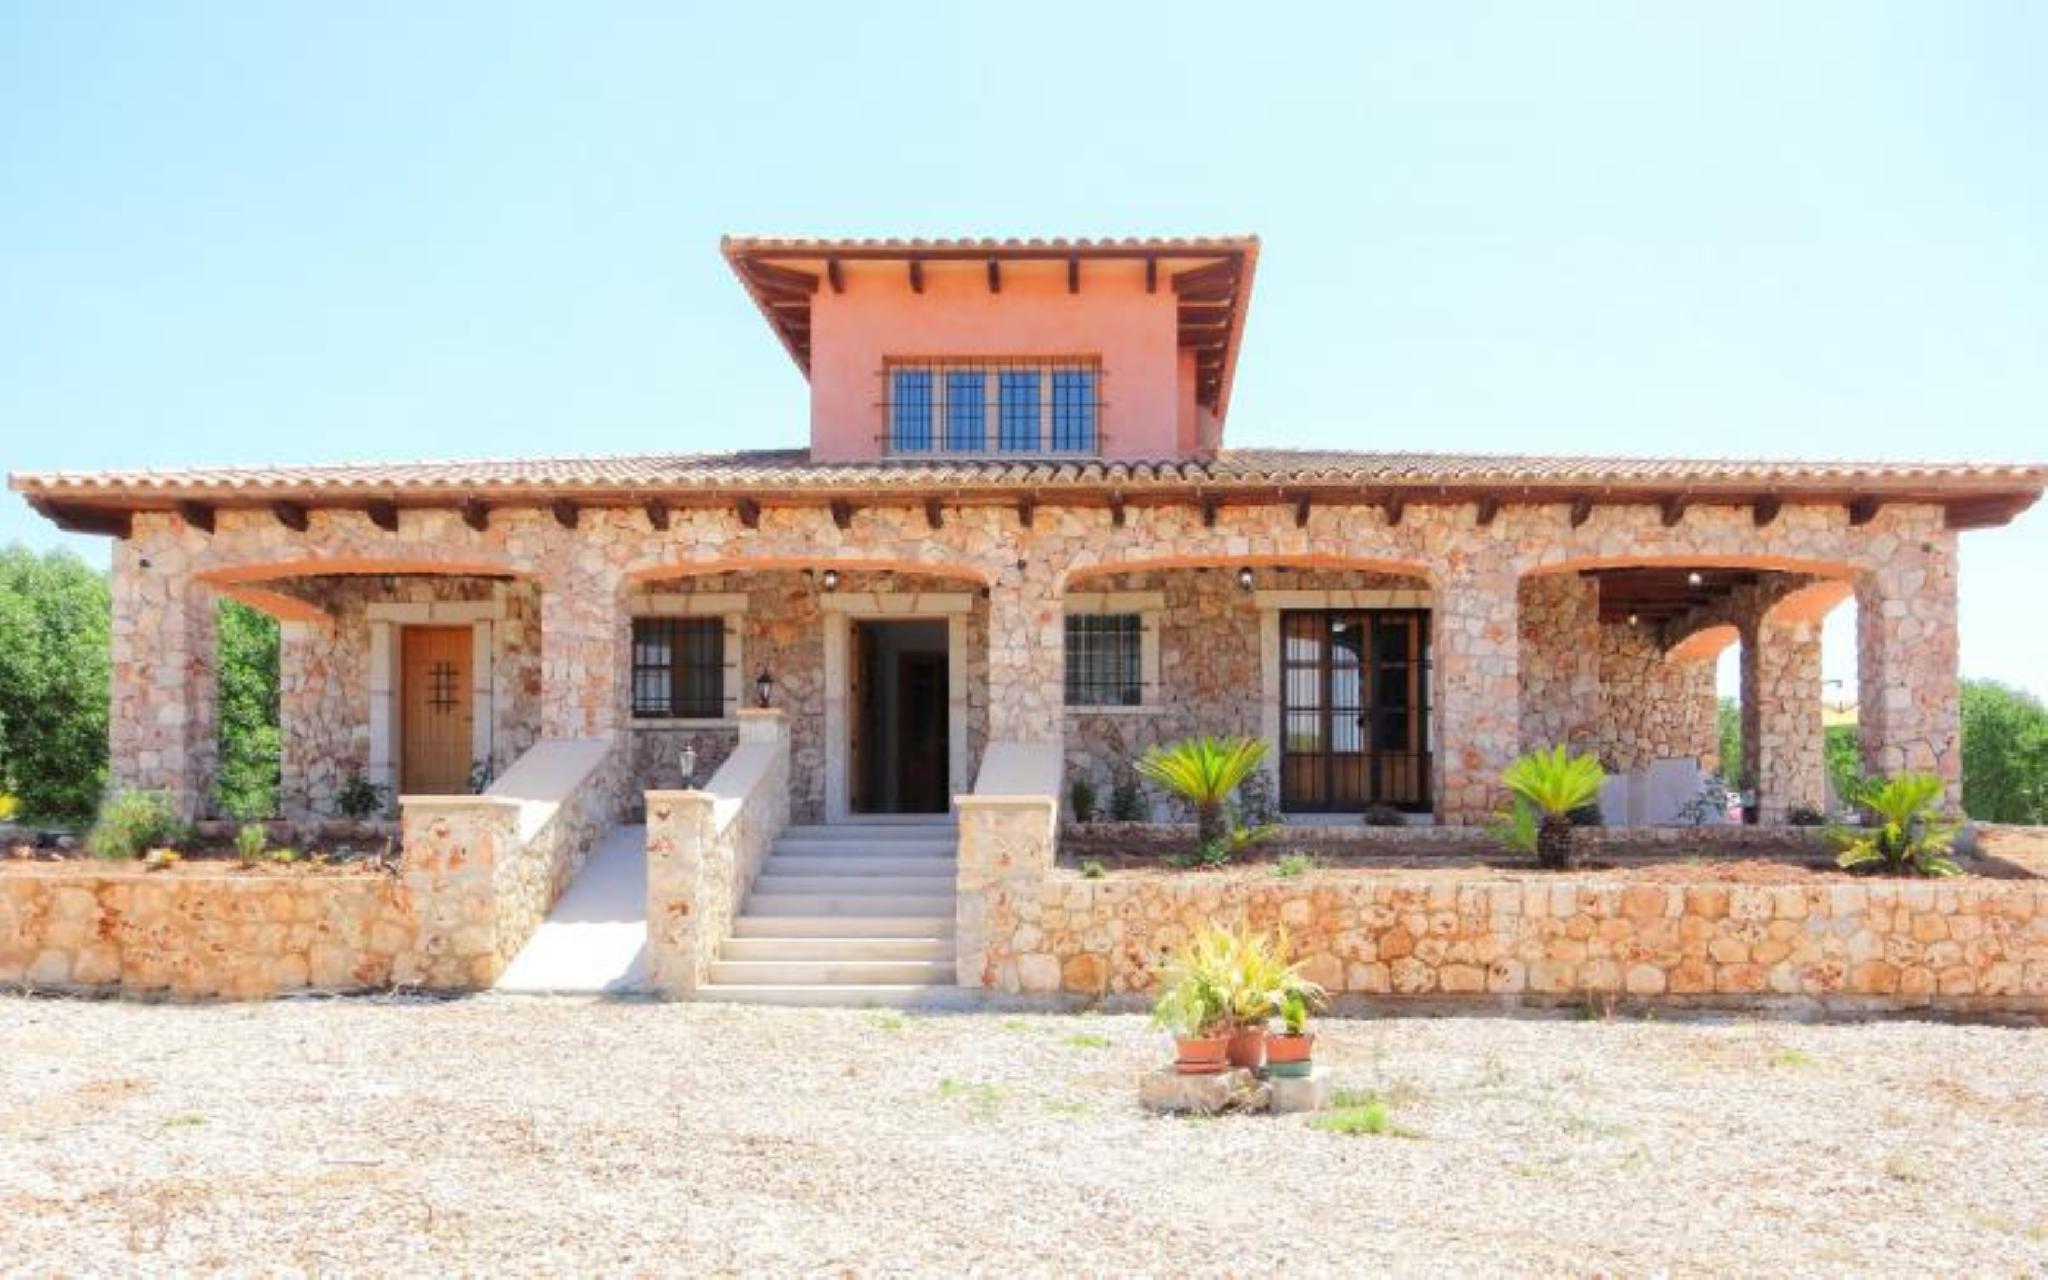 106049 - Villa in Muro